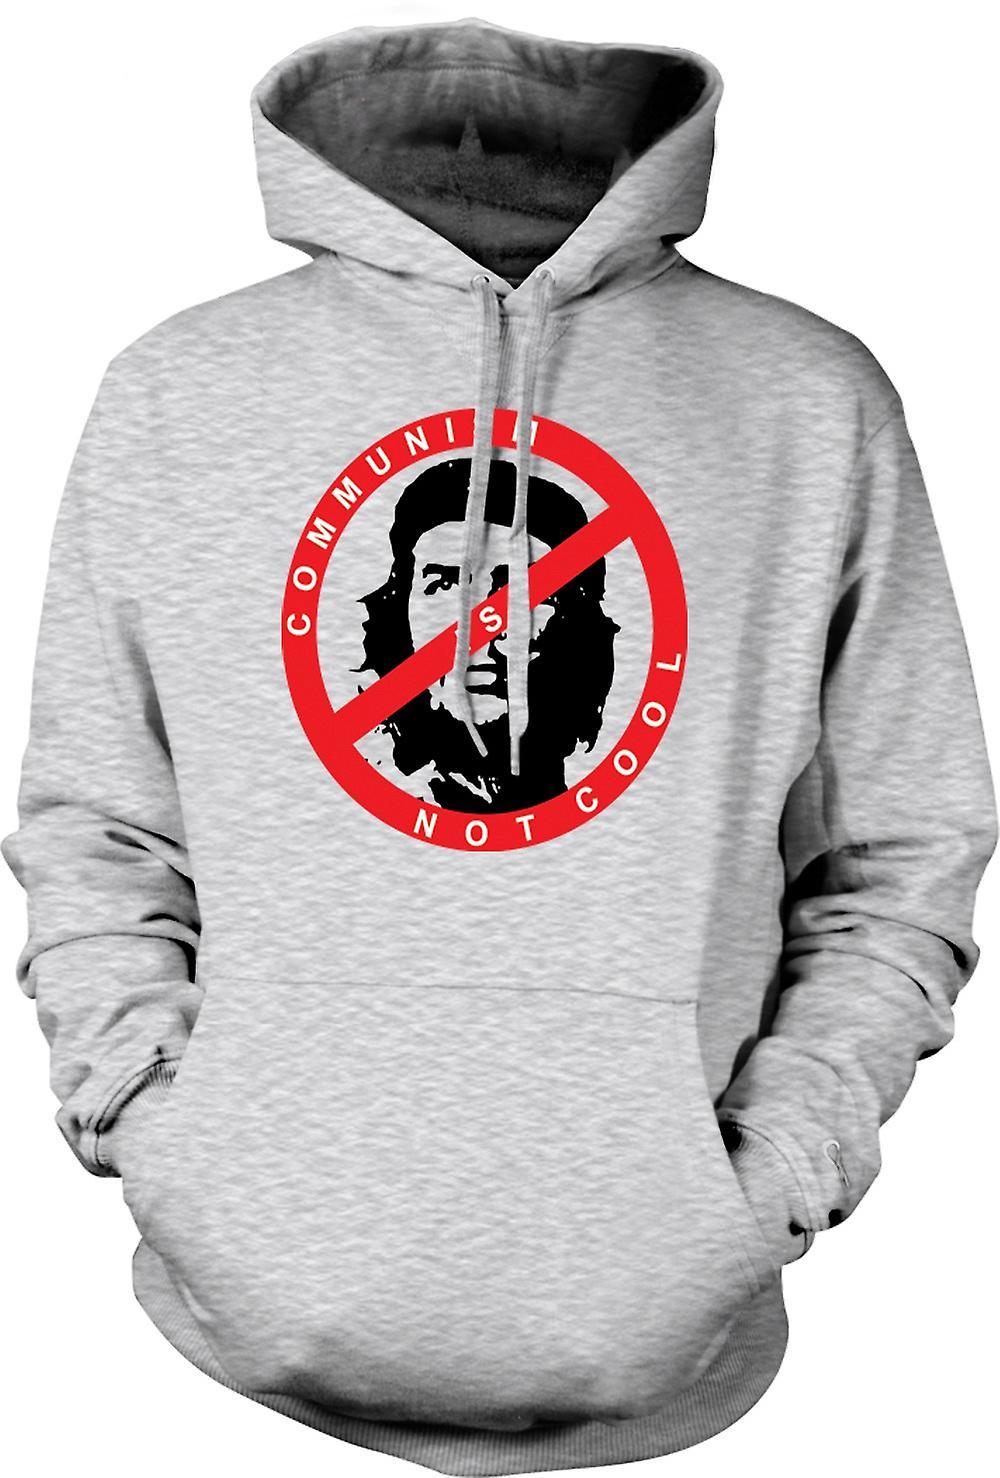 Mens Hoodie - Che Guevara Communism Cool Funny